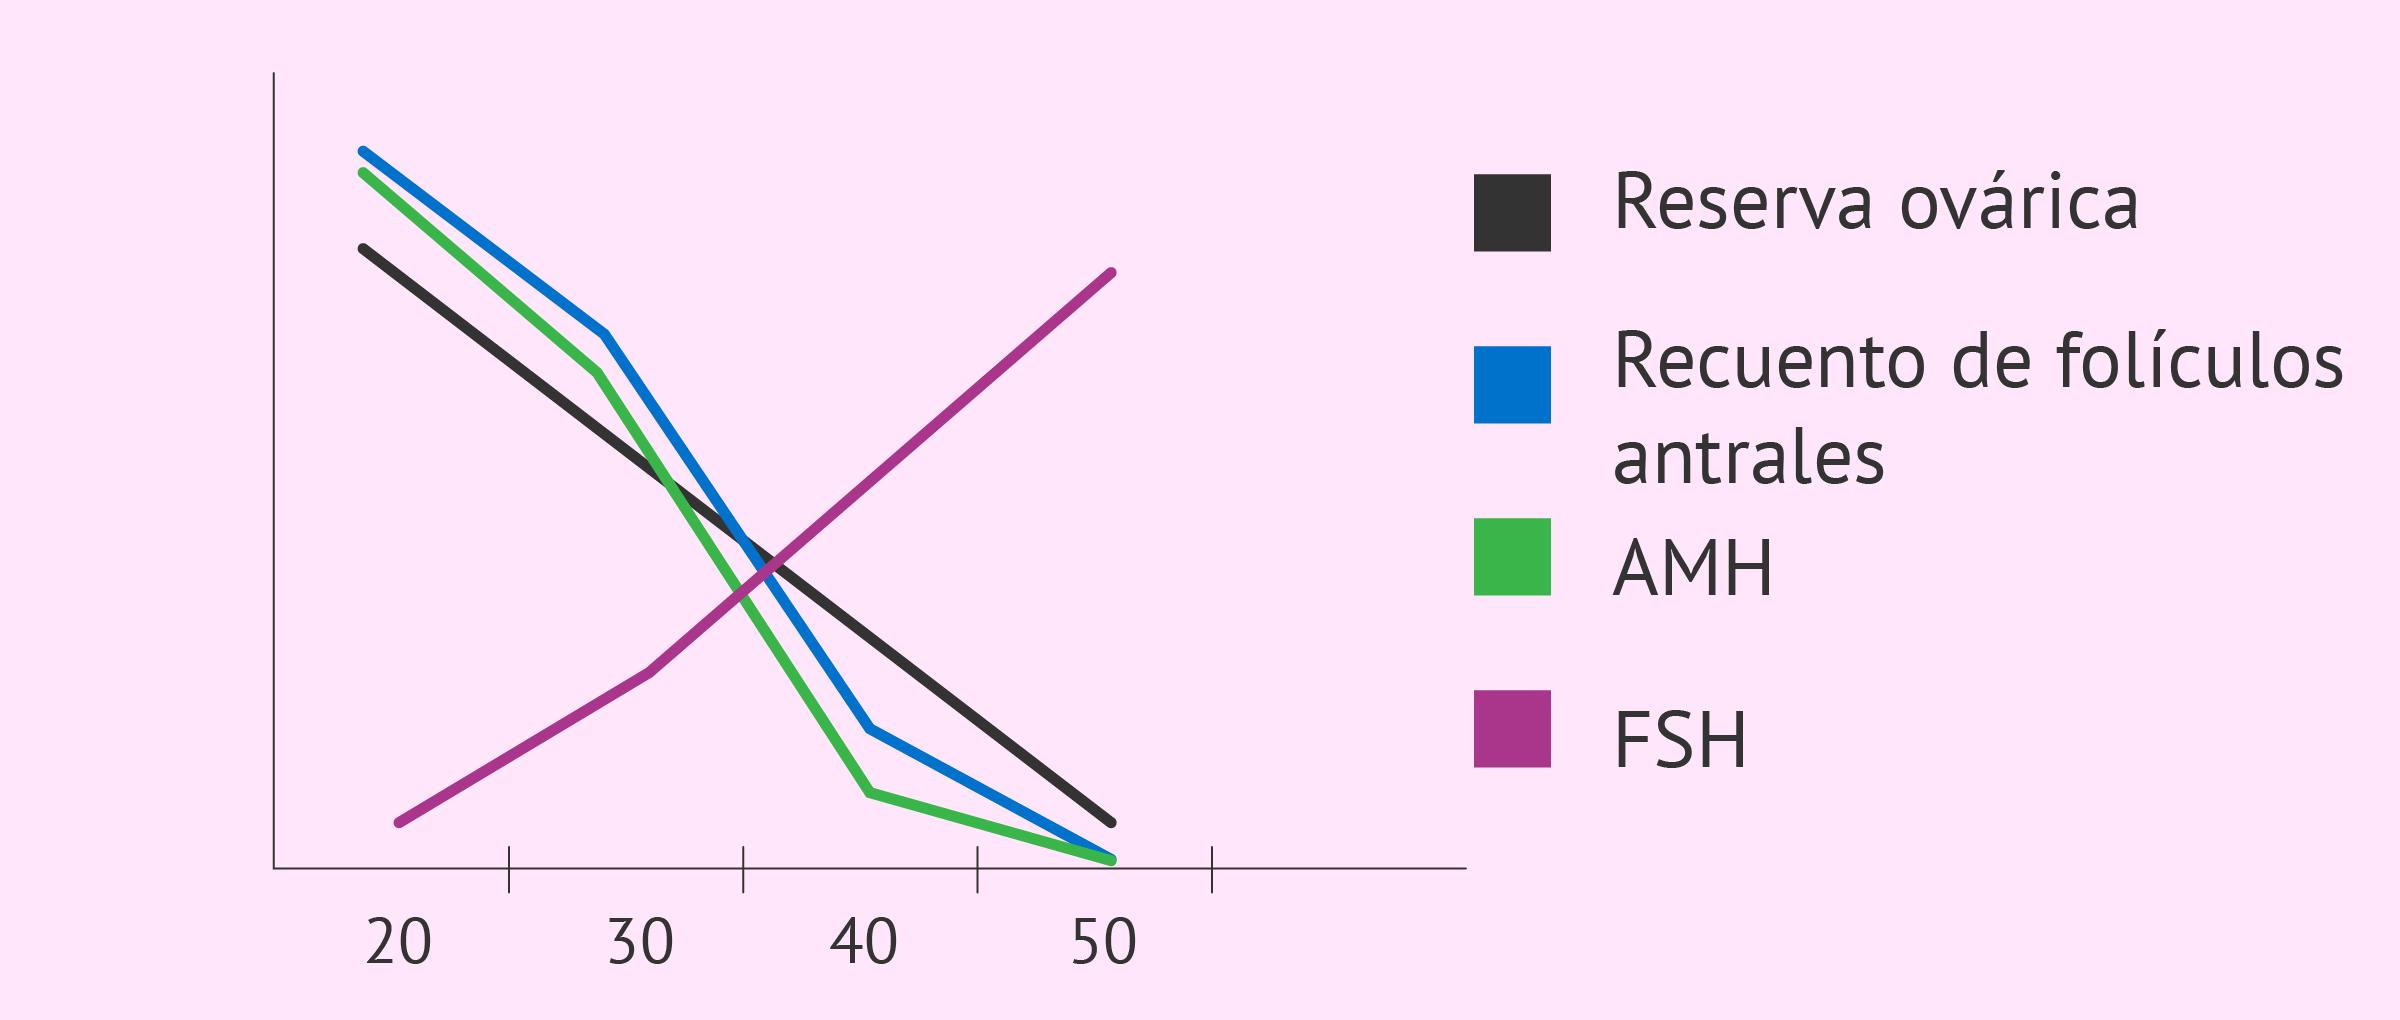 Relación de AMH, FSH, recuento folicular y reserva ovárica